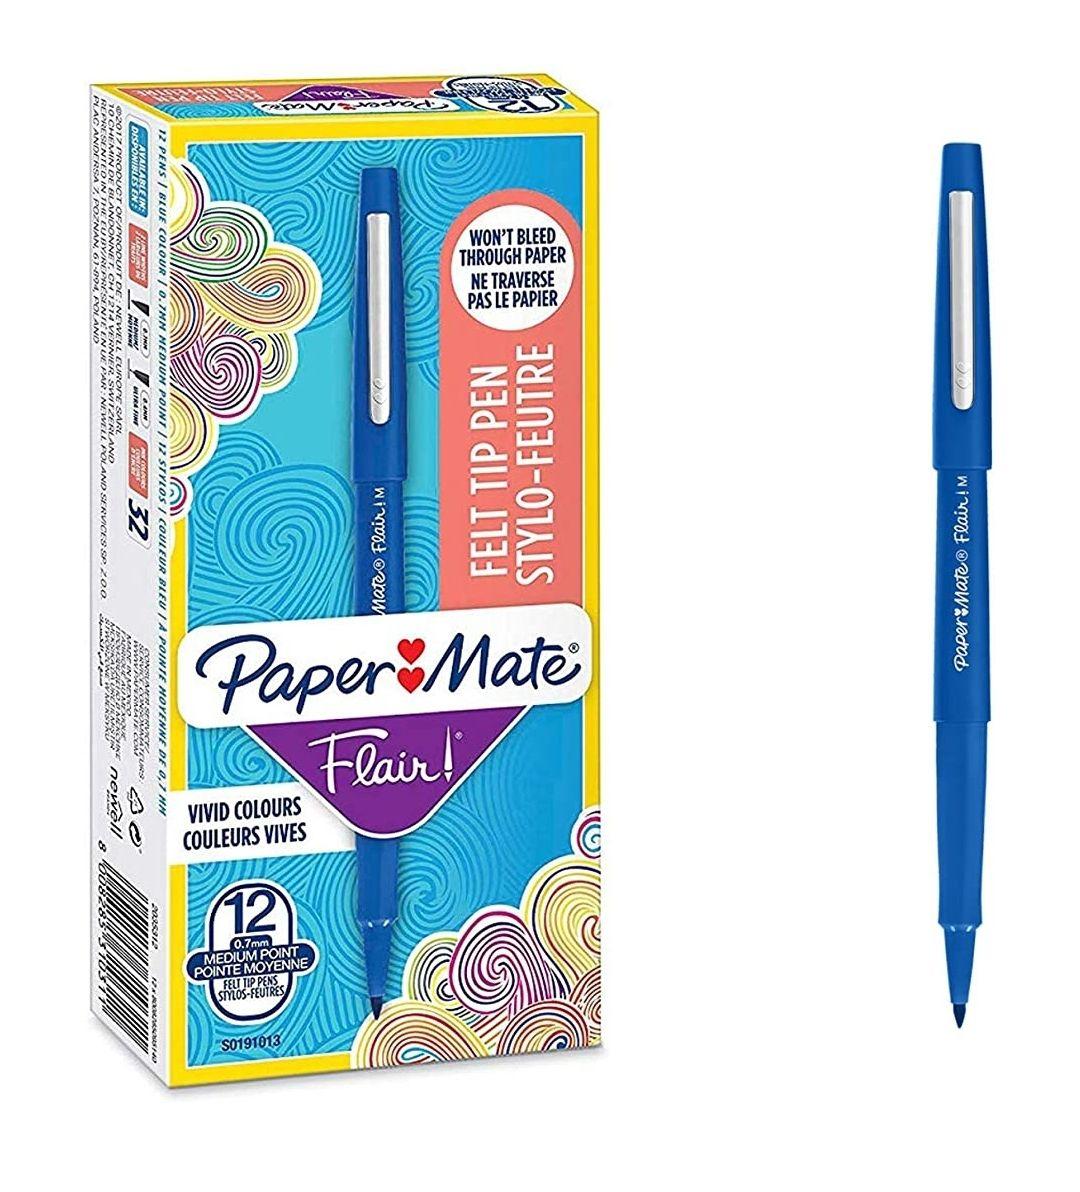 Boîte de 12 stylos feutres Paper Mate Flair -pointe moyenne 1,1mm, encre bleue